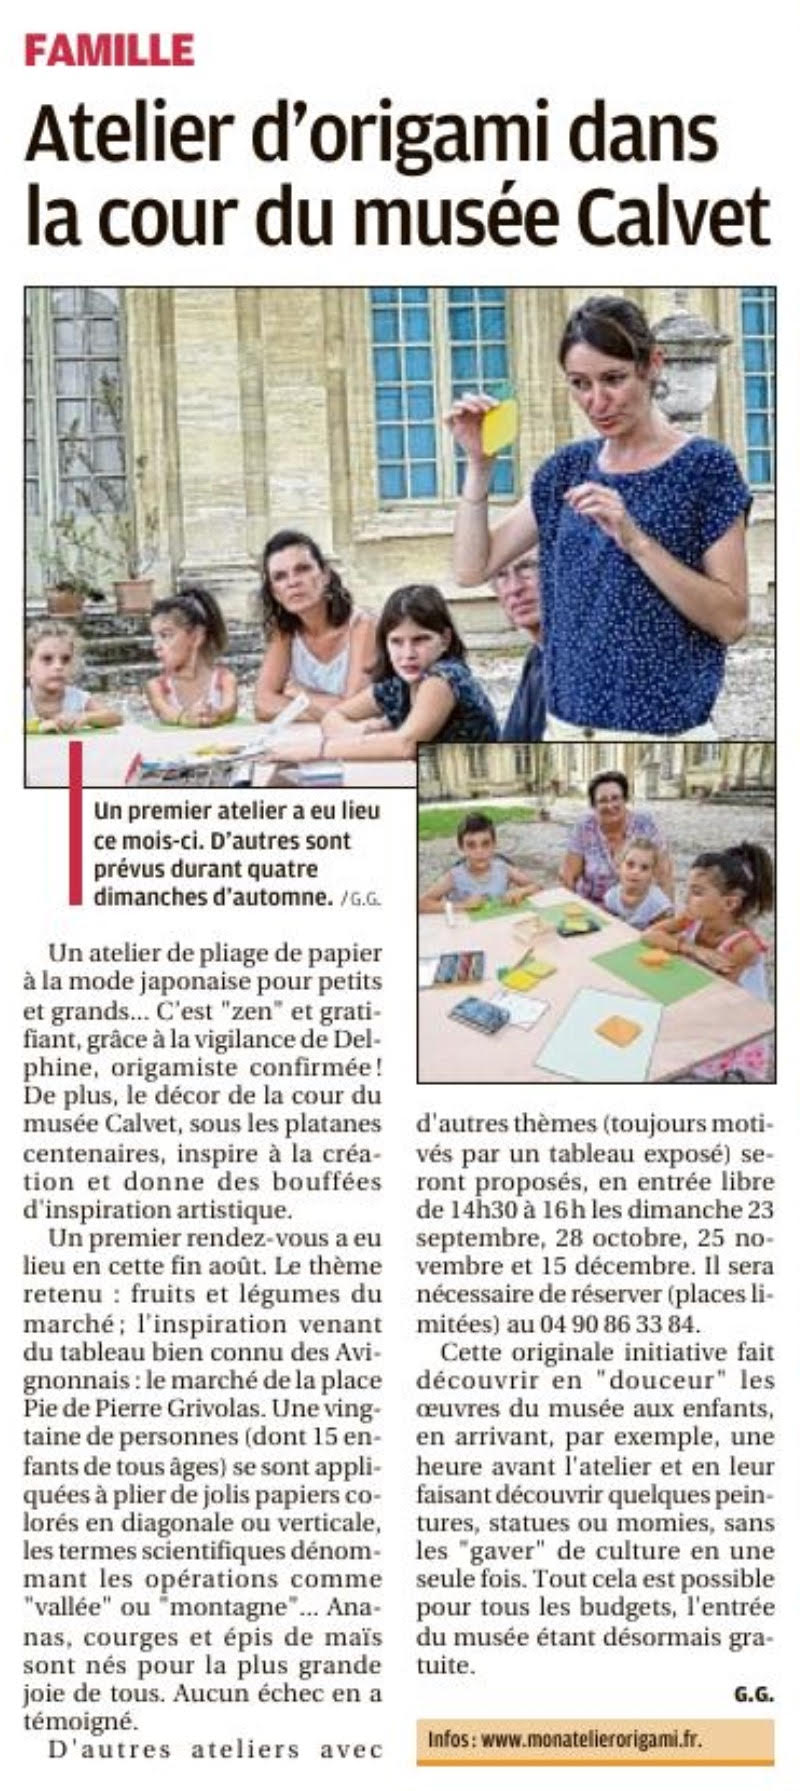 Atelier_origami_Avignon_Musée_Calvet_-_M